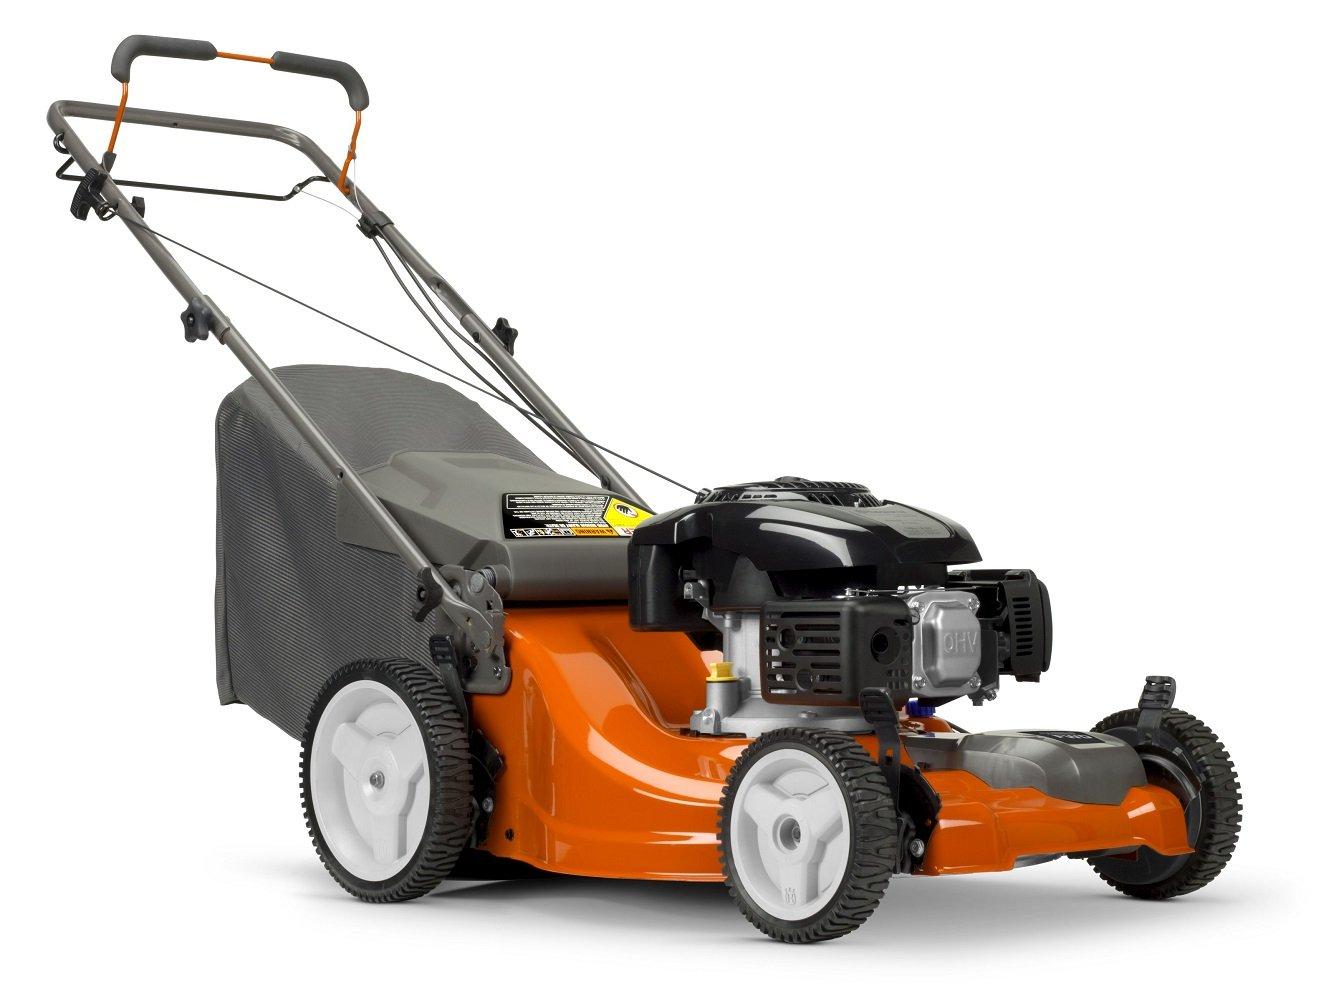 Husqvarna LC121FH Fwd Lawn Mower